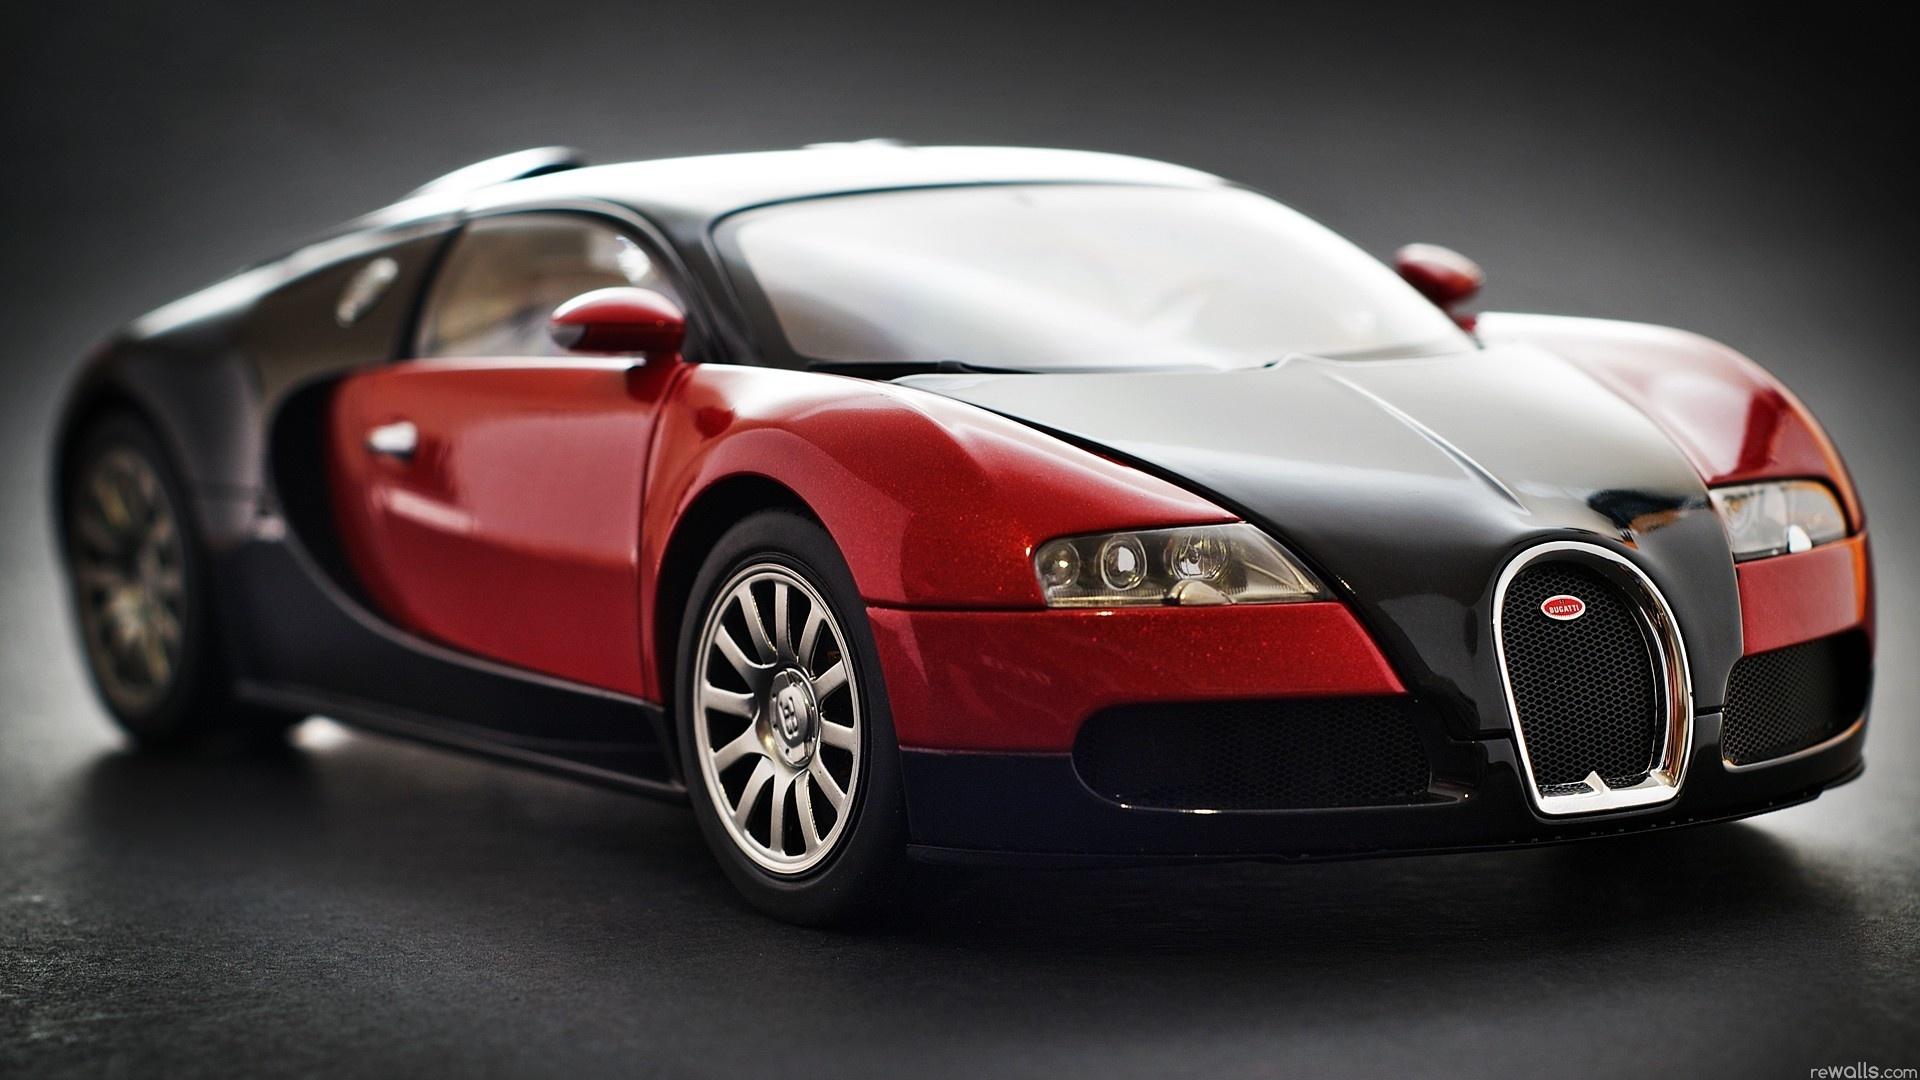 Wallpaper Bugatti Veyron car view desktop HD Desktop Wallpapers 1920x1080